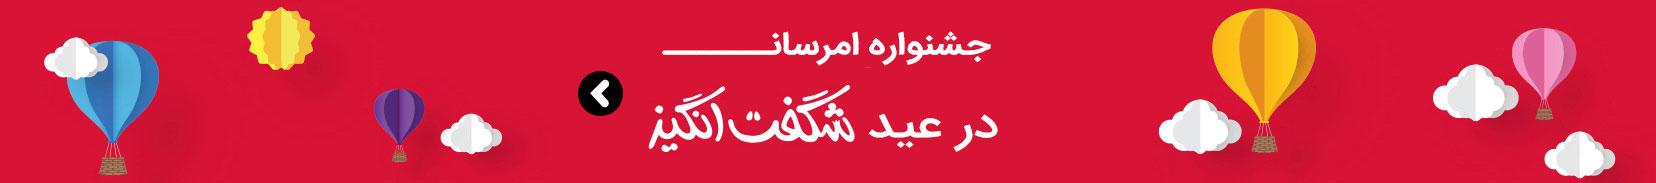 عید 97 امرسان - امرسان زیبا پیشرو مطمئن